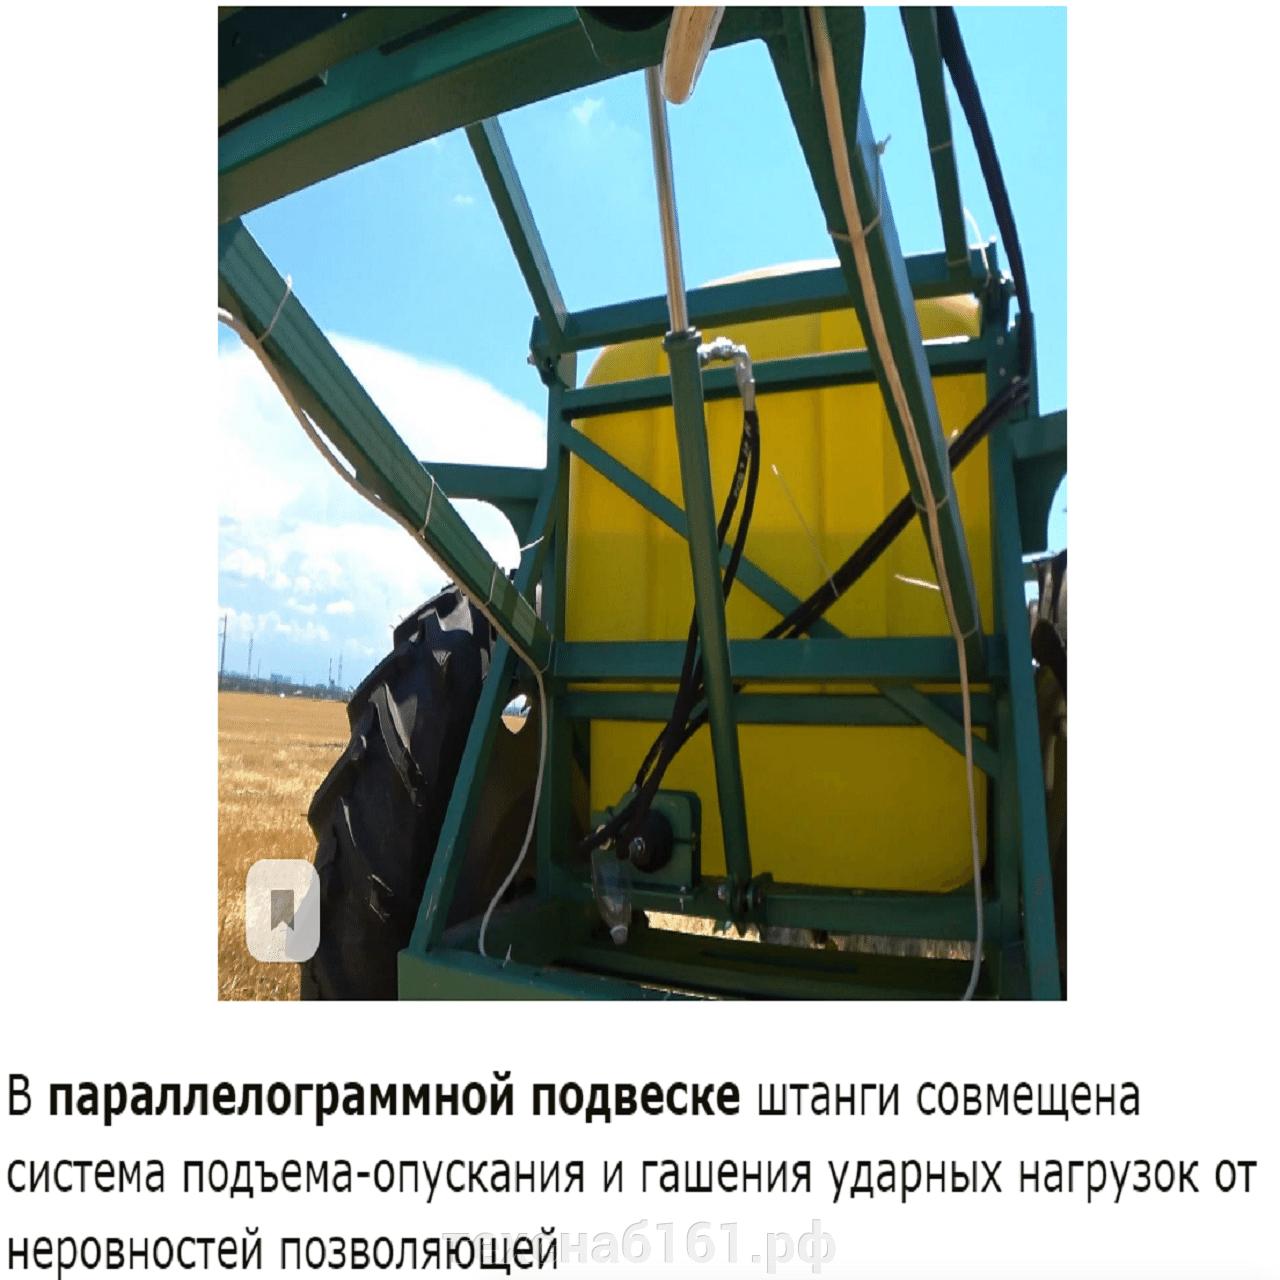 Опрыскиватель сельскохозяйственный прицепной АТАМАС с Отличительной  стабилизацией штанги - фото pic_3620a7b6c4bbfefaf1e8784fea5e5c71_1920x9000_1.png